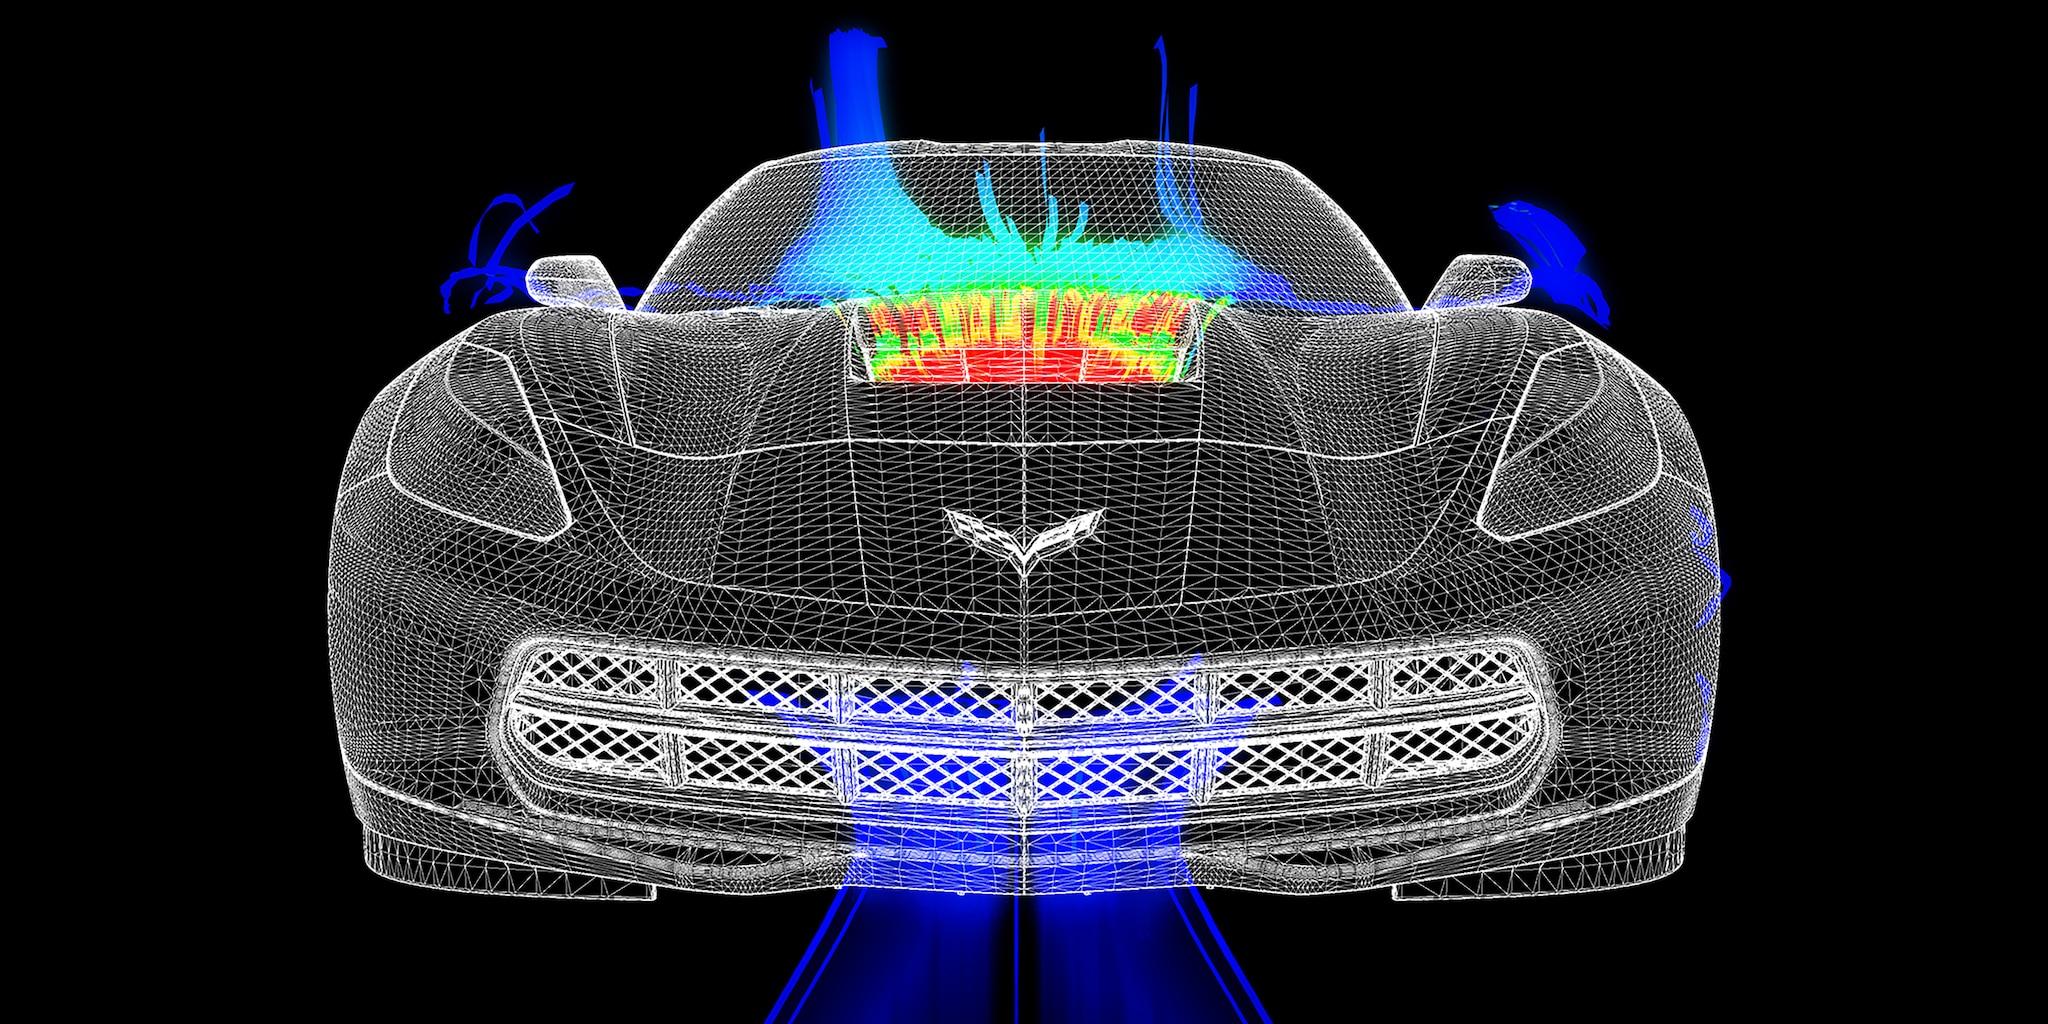 Diseño del auto deportivo Corvette Stingray 2019: Aero 2